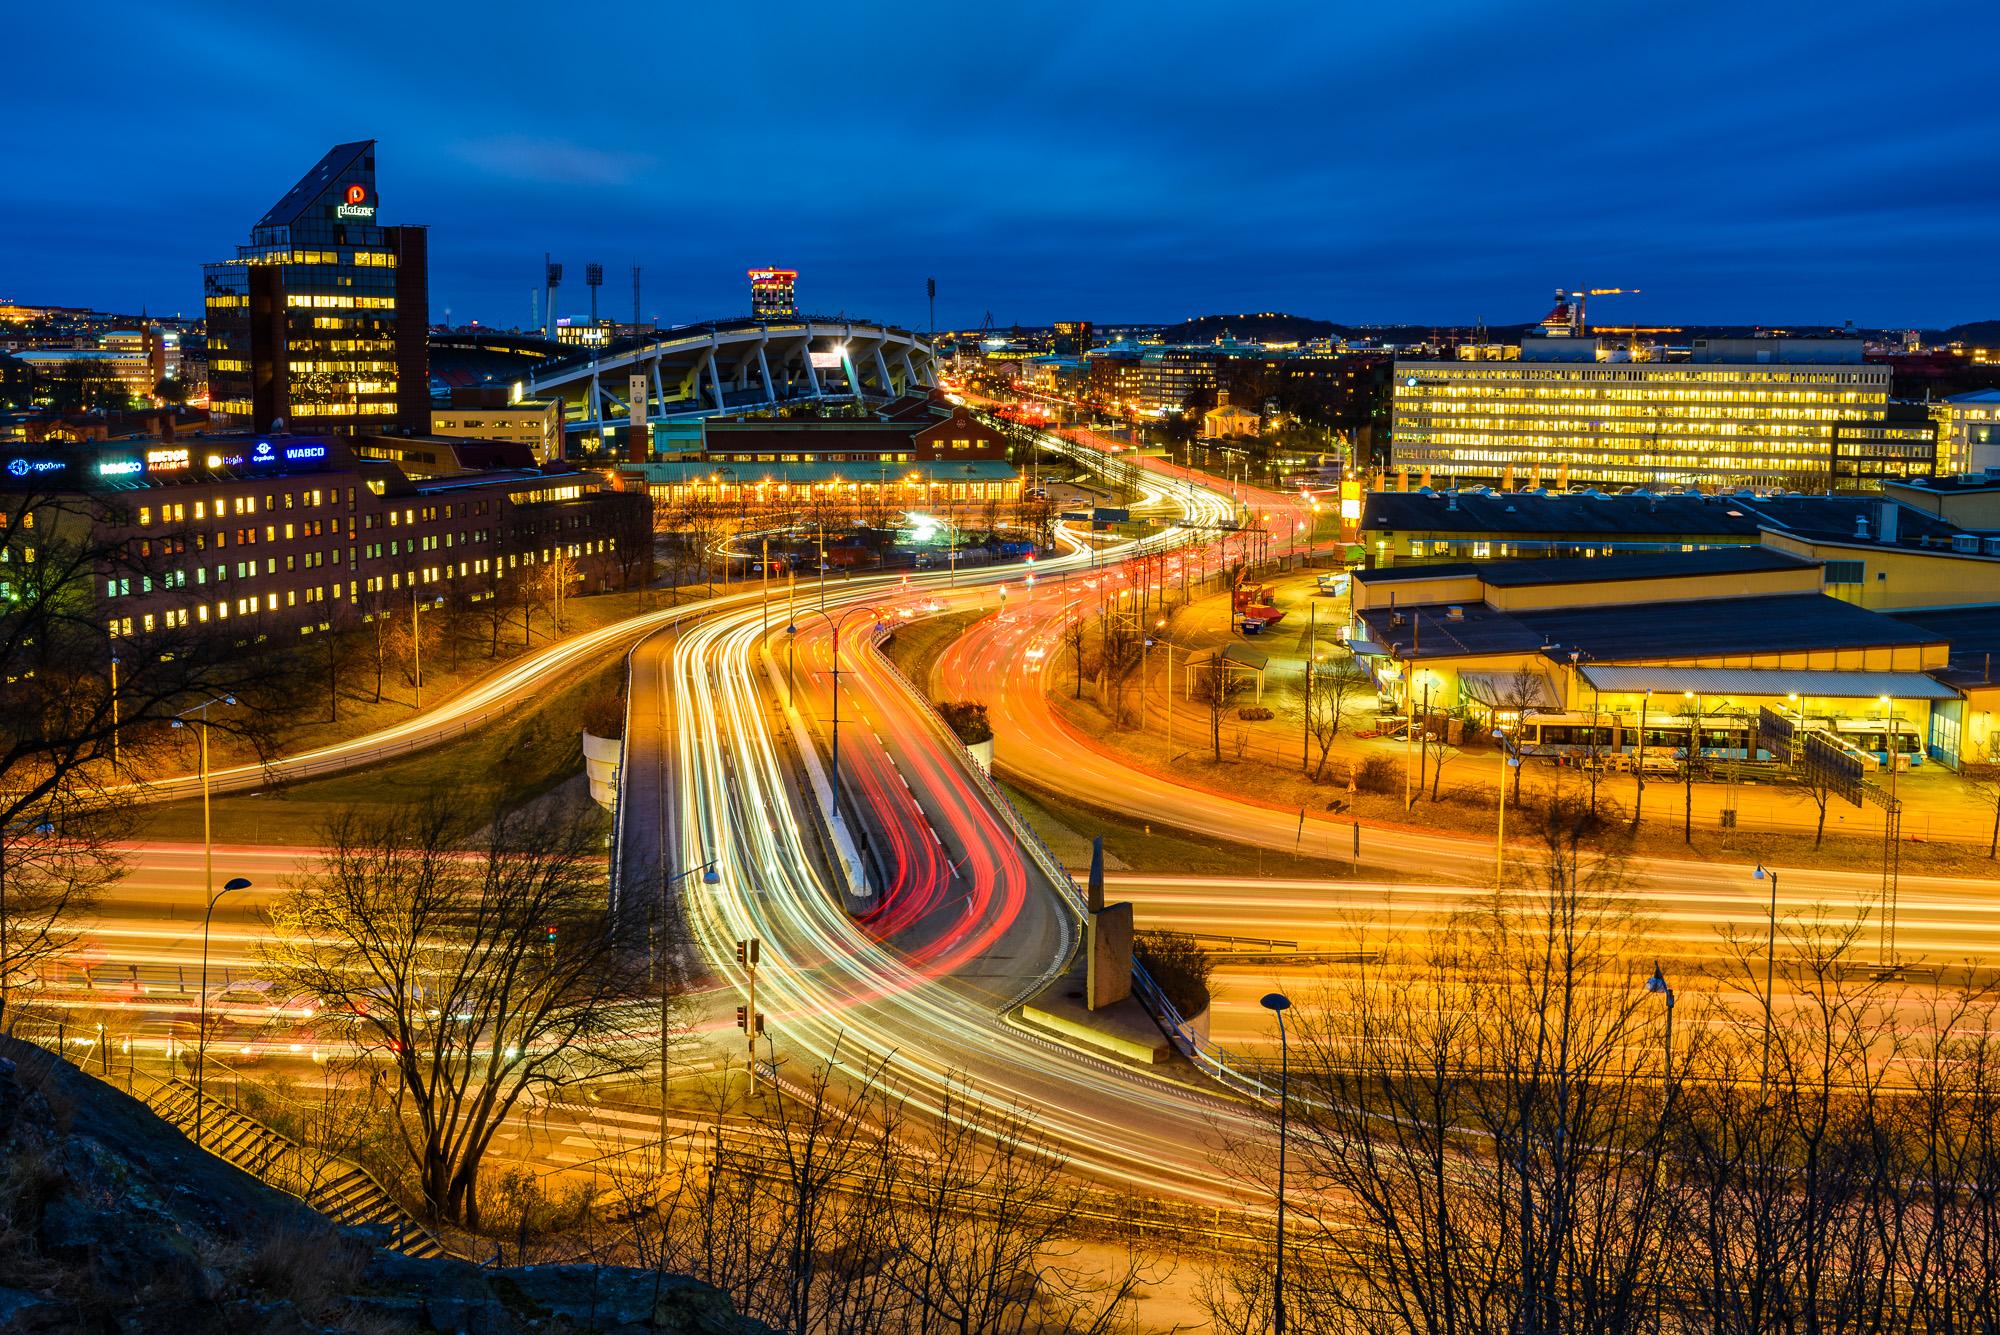 Ullevimotet, Göteborg